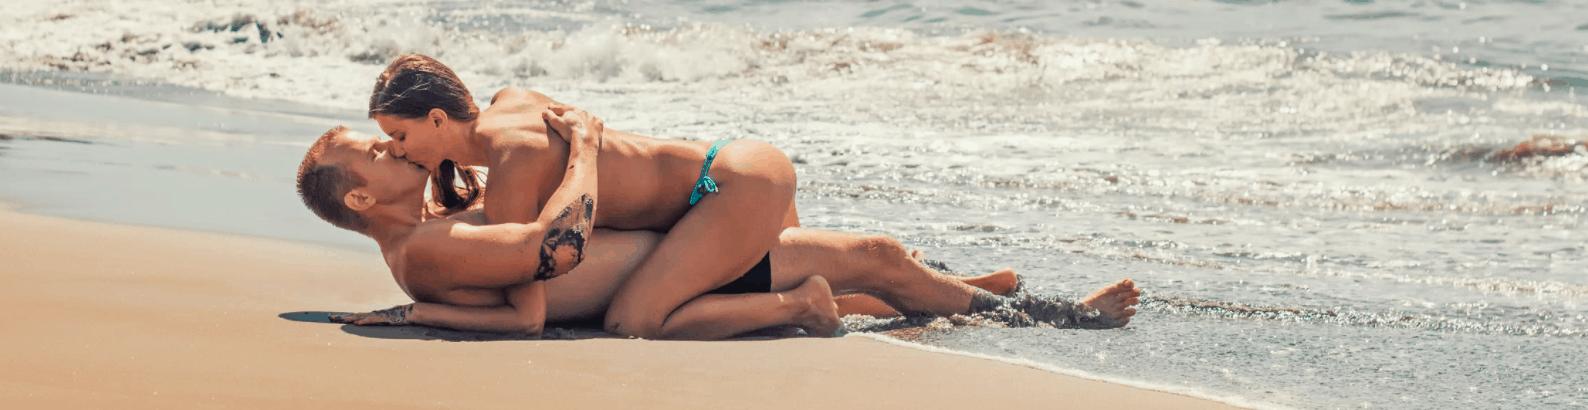 Man Women Beach